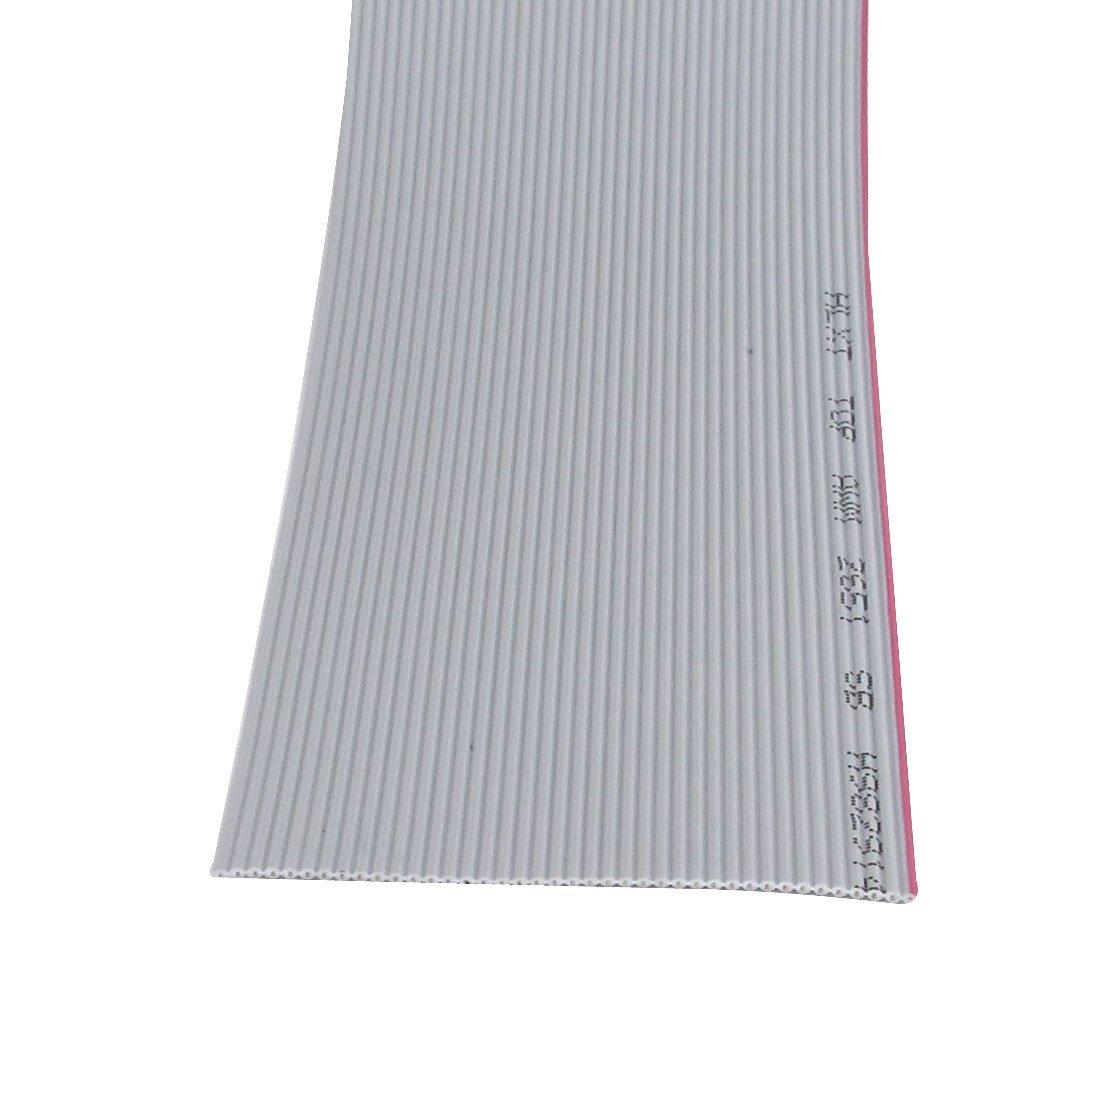 Cavo eDealMax IDC 40 Pin a nastro di estensione, 1,25 mm Distanza, 2 m di lunghezza, 2 pezzi